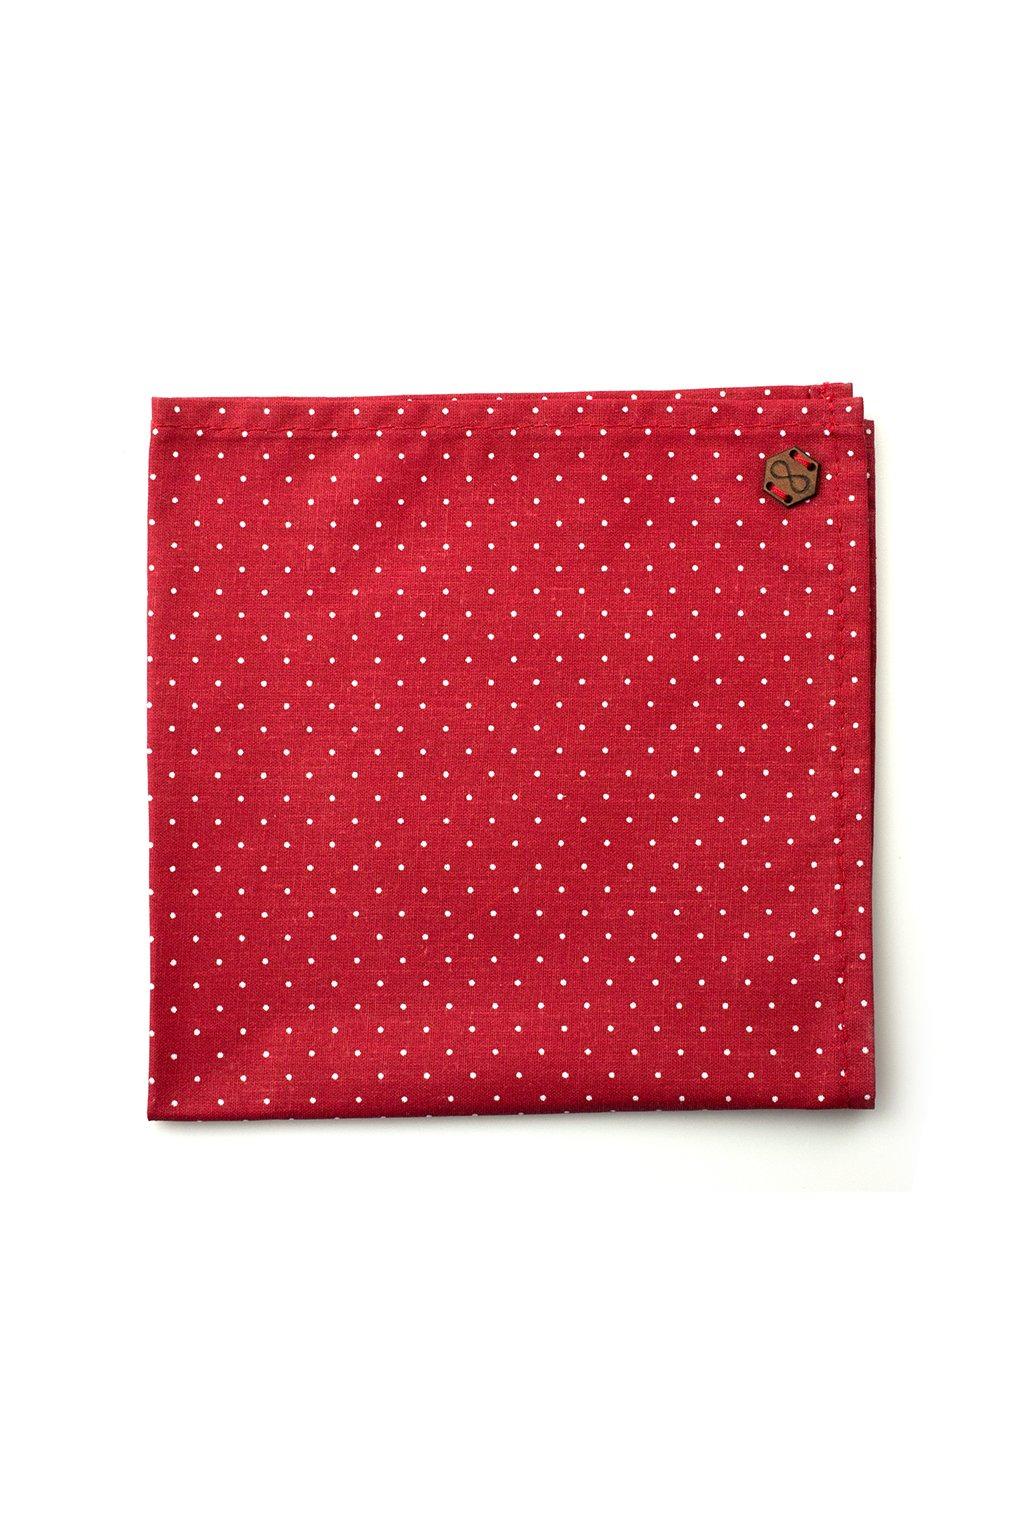 Pánský červený kapesníček Polka dot | JAA∞TY